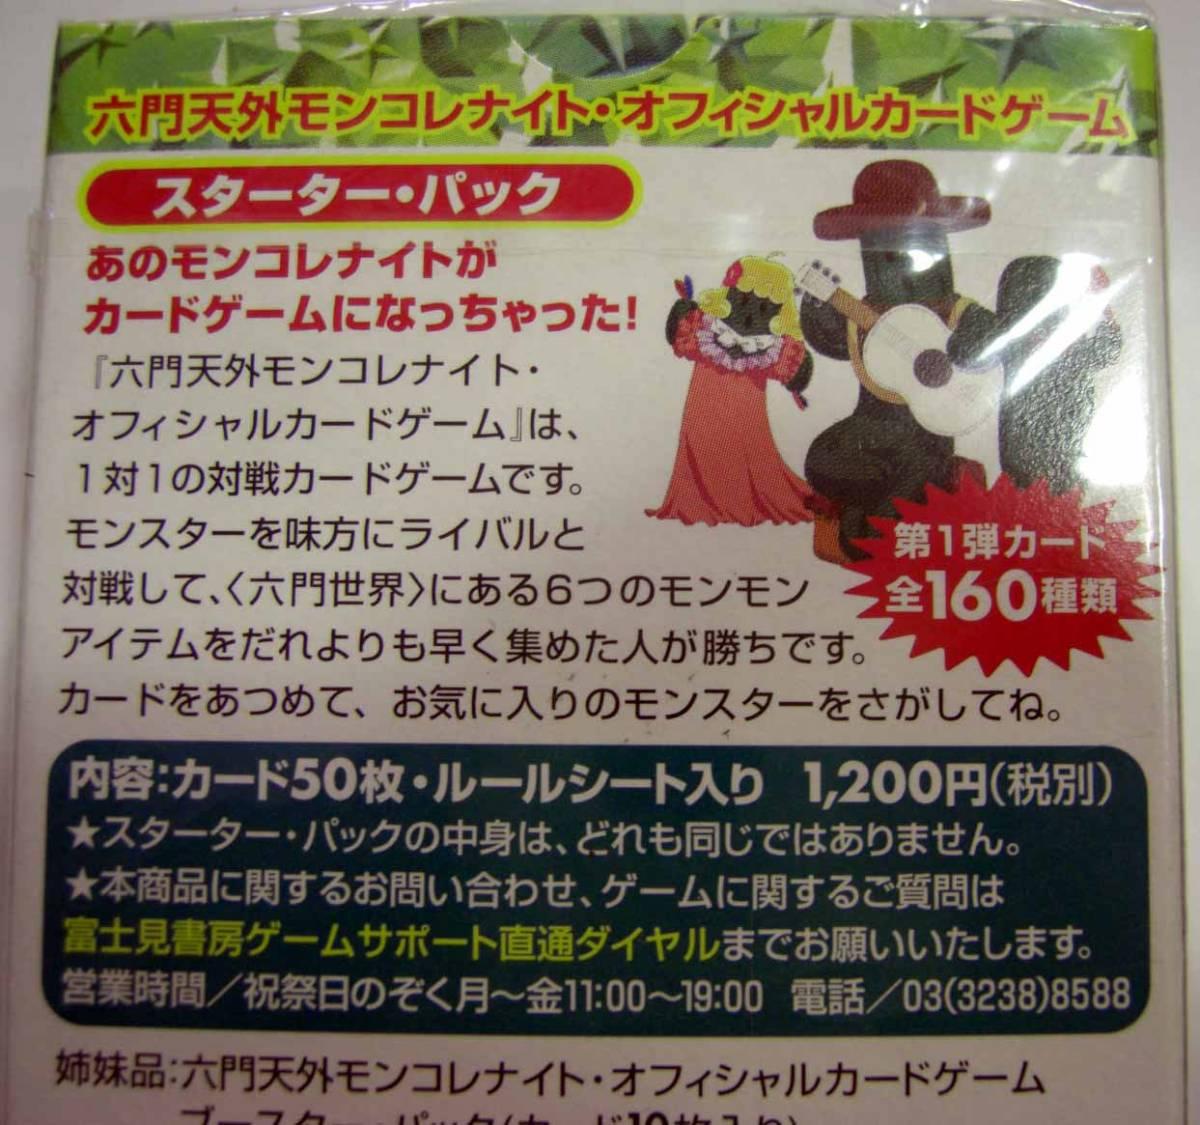 【処分品】 六門天外モンコレナイト オフィシャルカードゲーム スターターパック 2箱_画像3